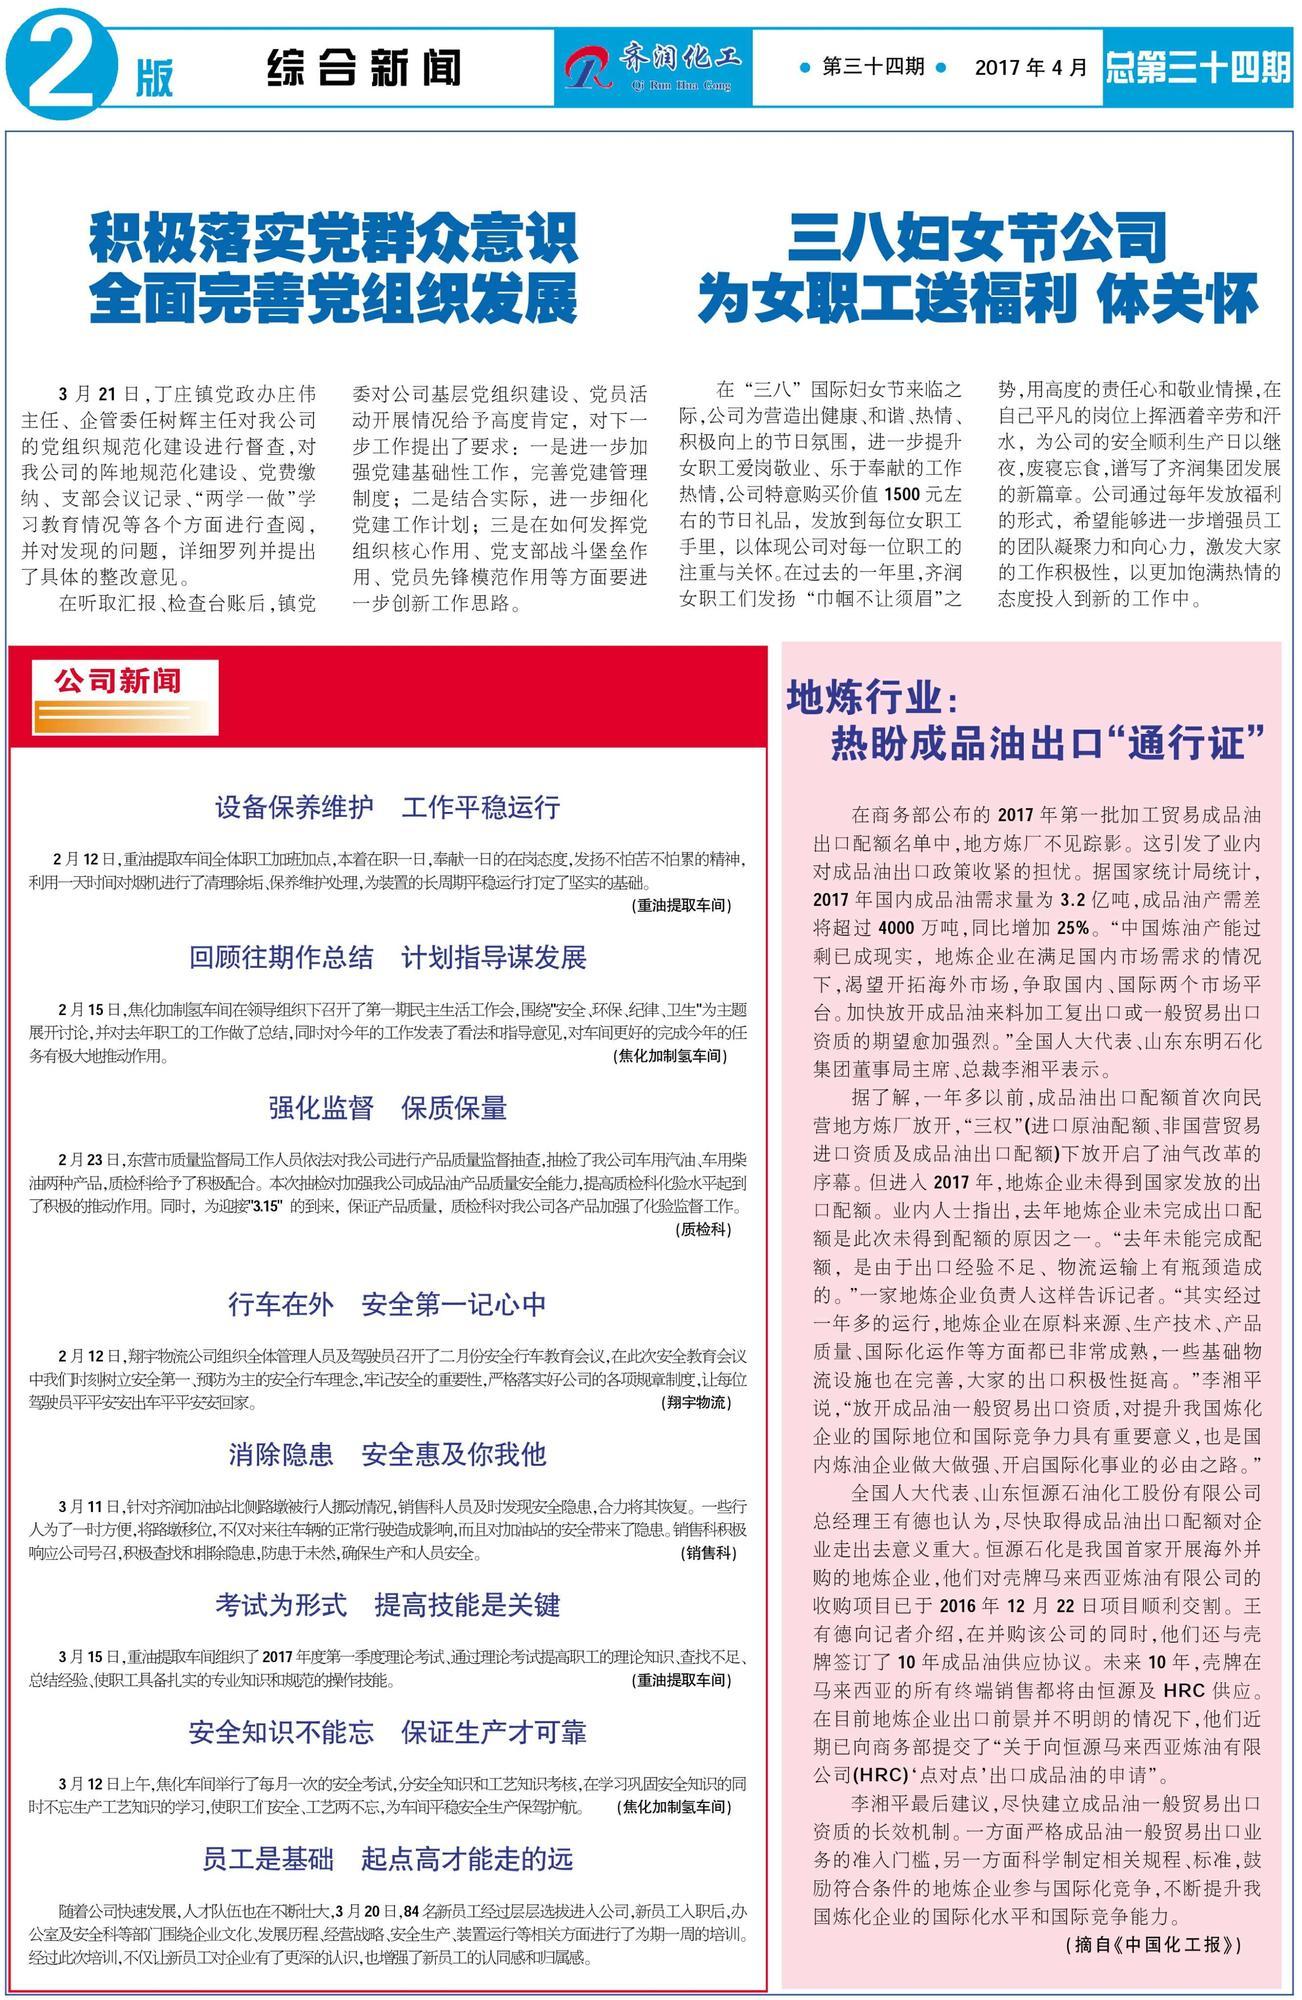 亚博体育官方登陆报第34期-2~1.jpg